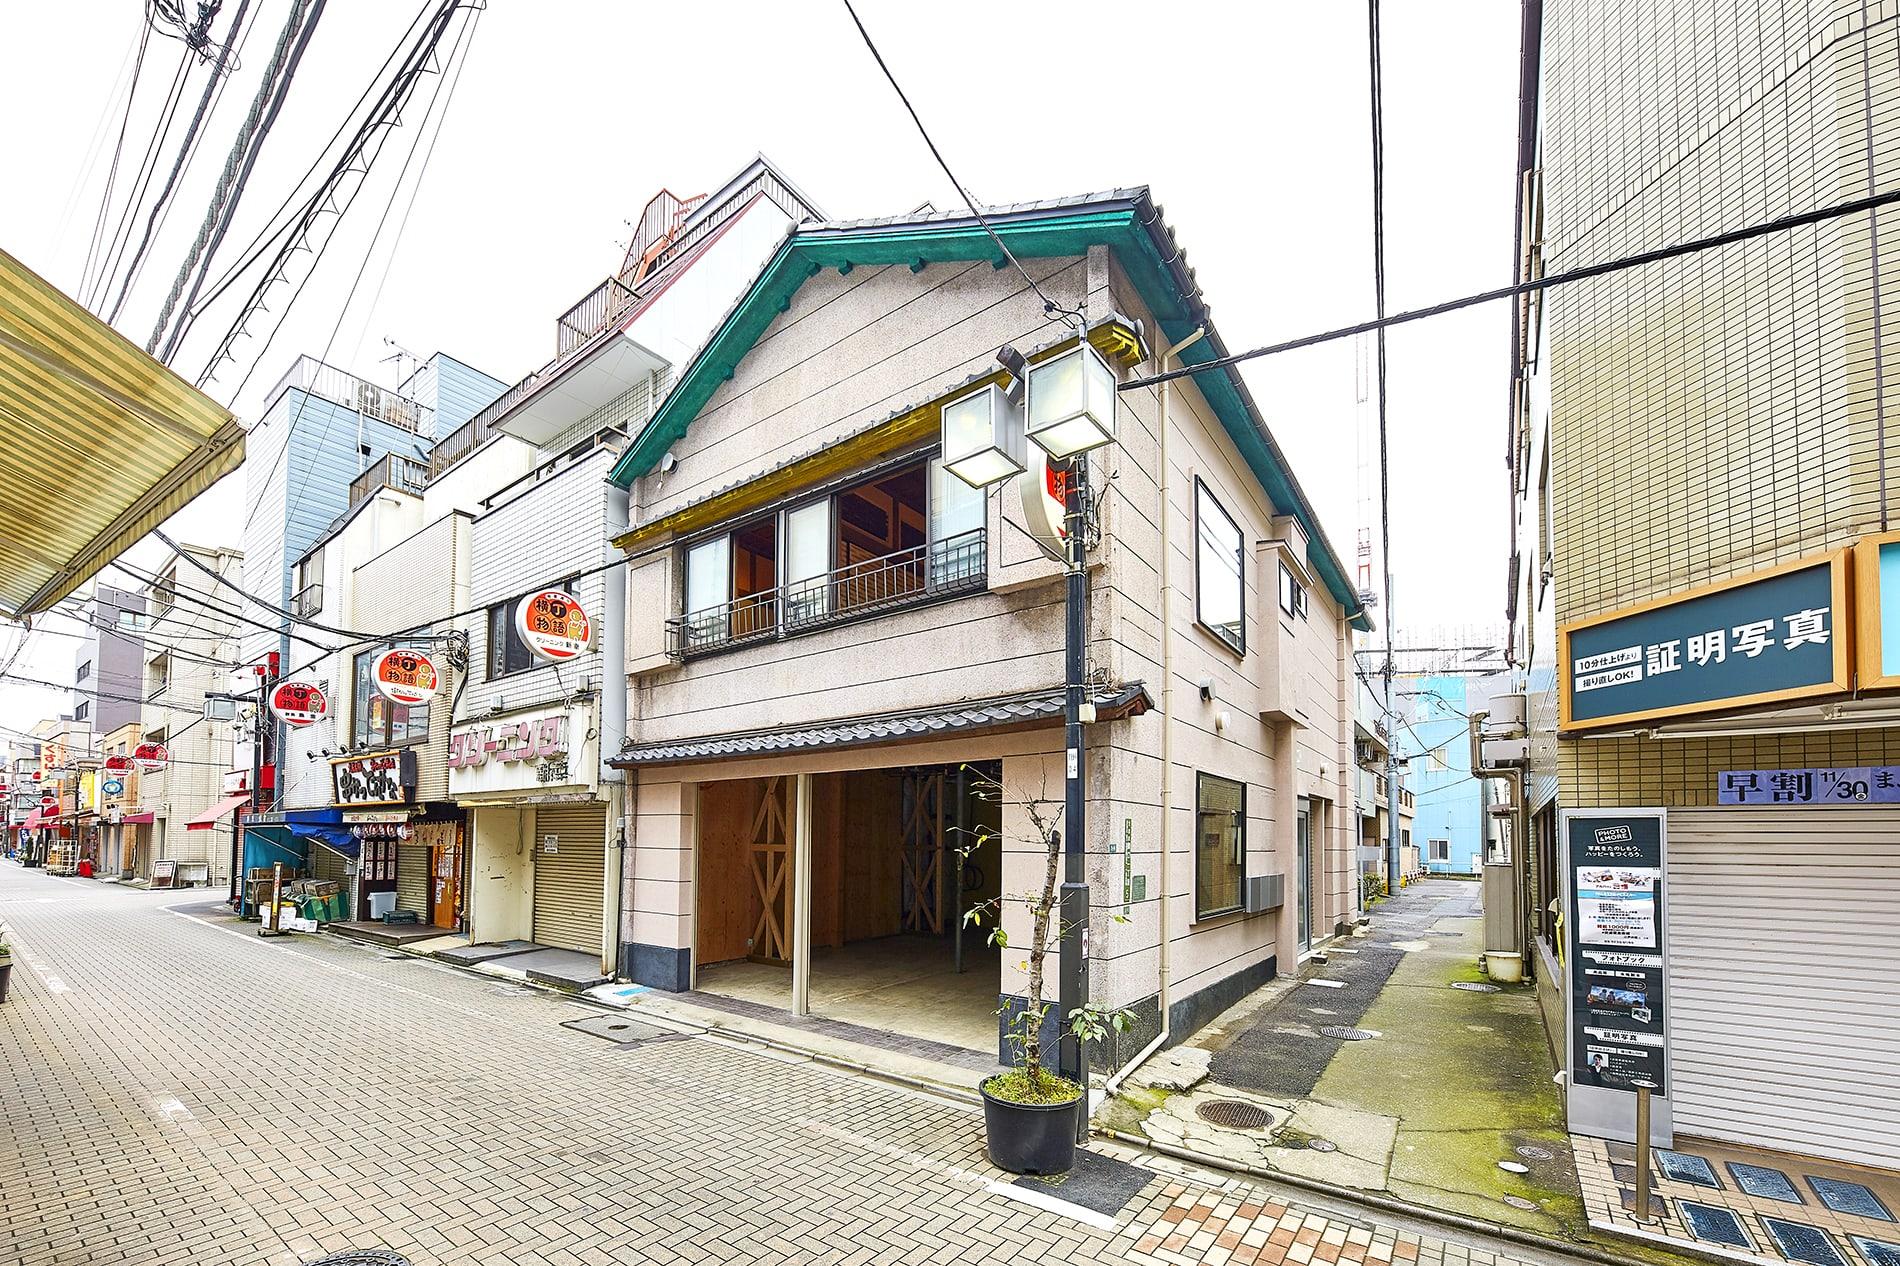 小日向31番地 / 江戸川橋 メインバナー ミナトジムショ